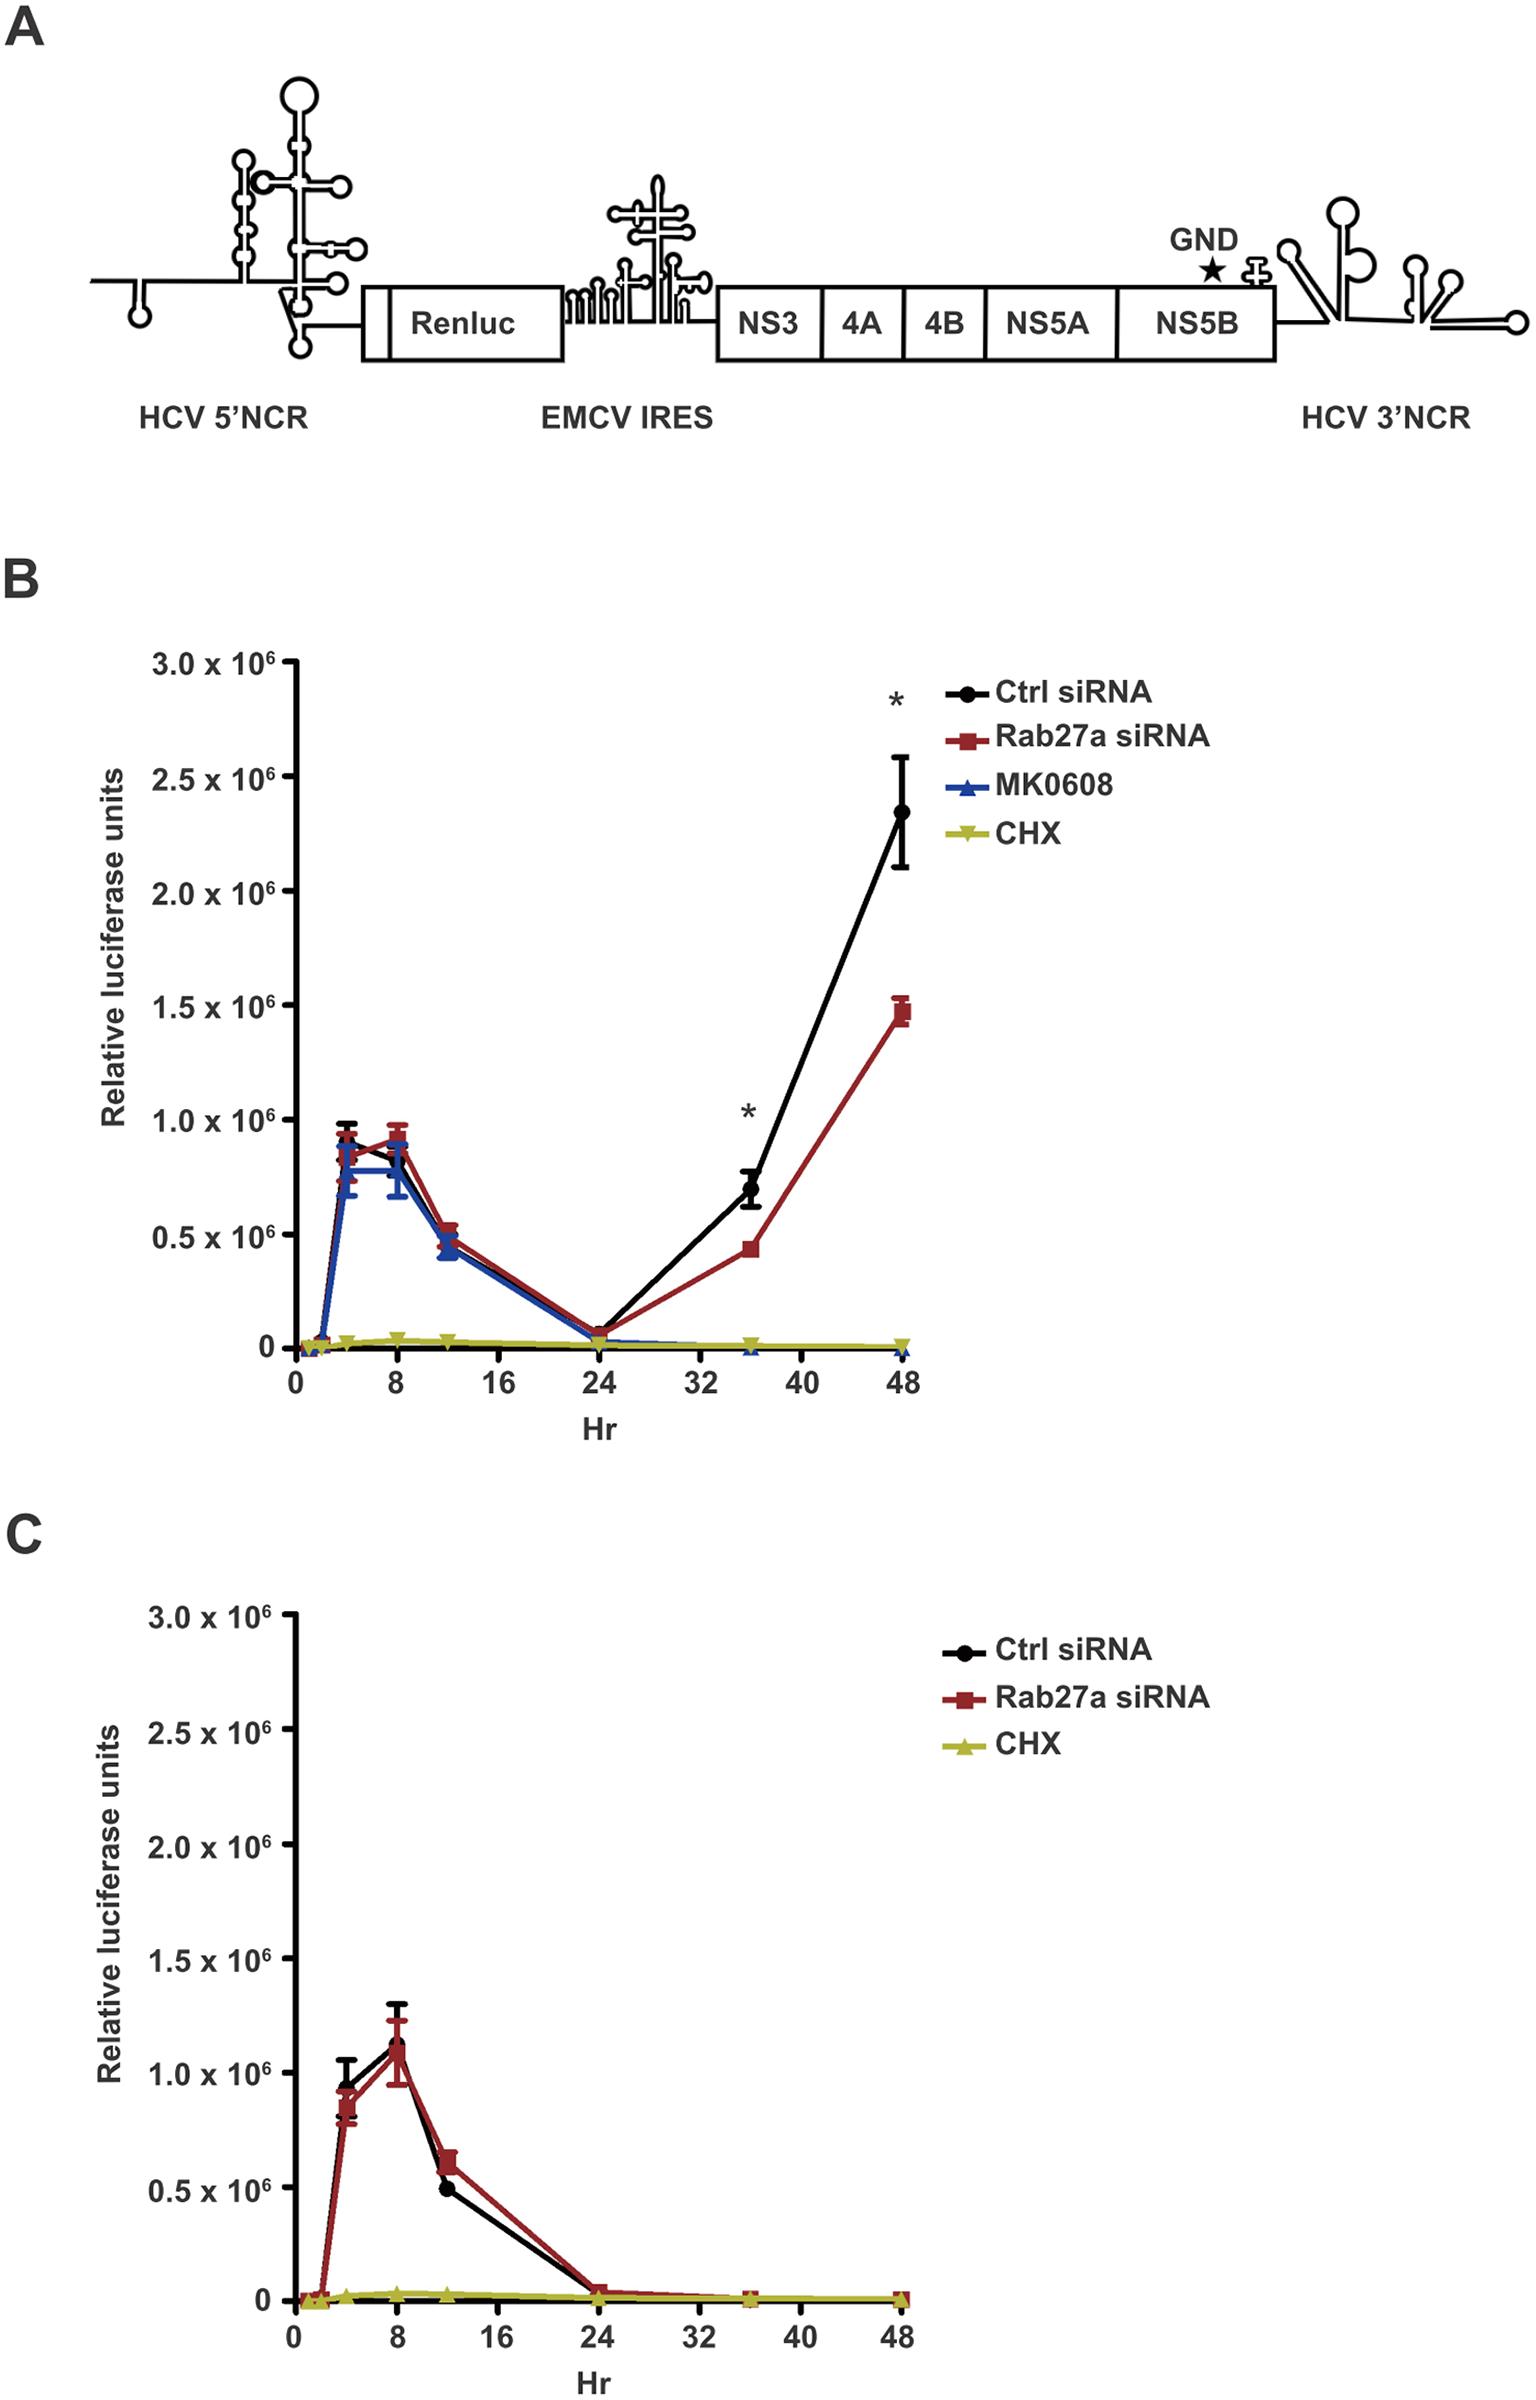 Effect of Rab27a depletion on HCV gene expression.